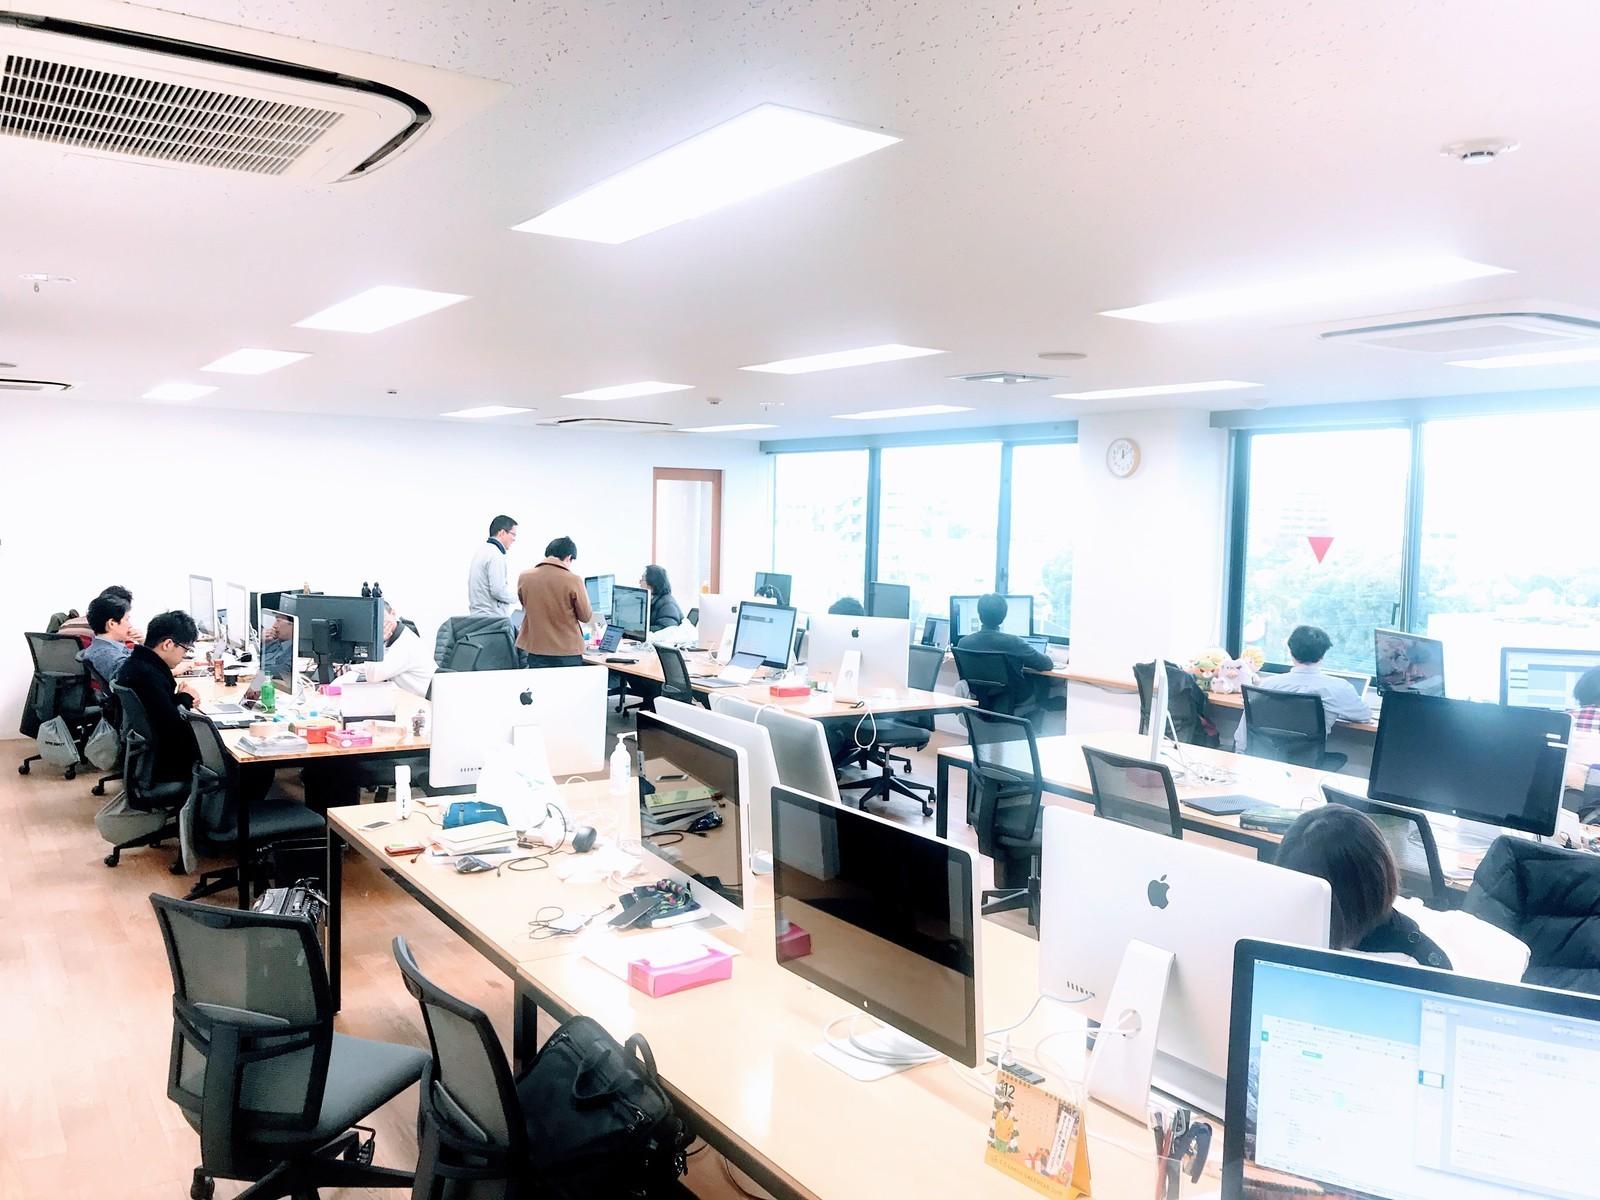 【福岡】シェアNo.1の自社B2Bサービス「CLOMO」のサーバーサイドをRubyで開発するエンジニア募集!